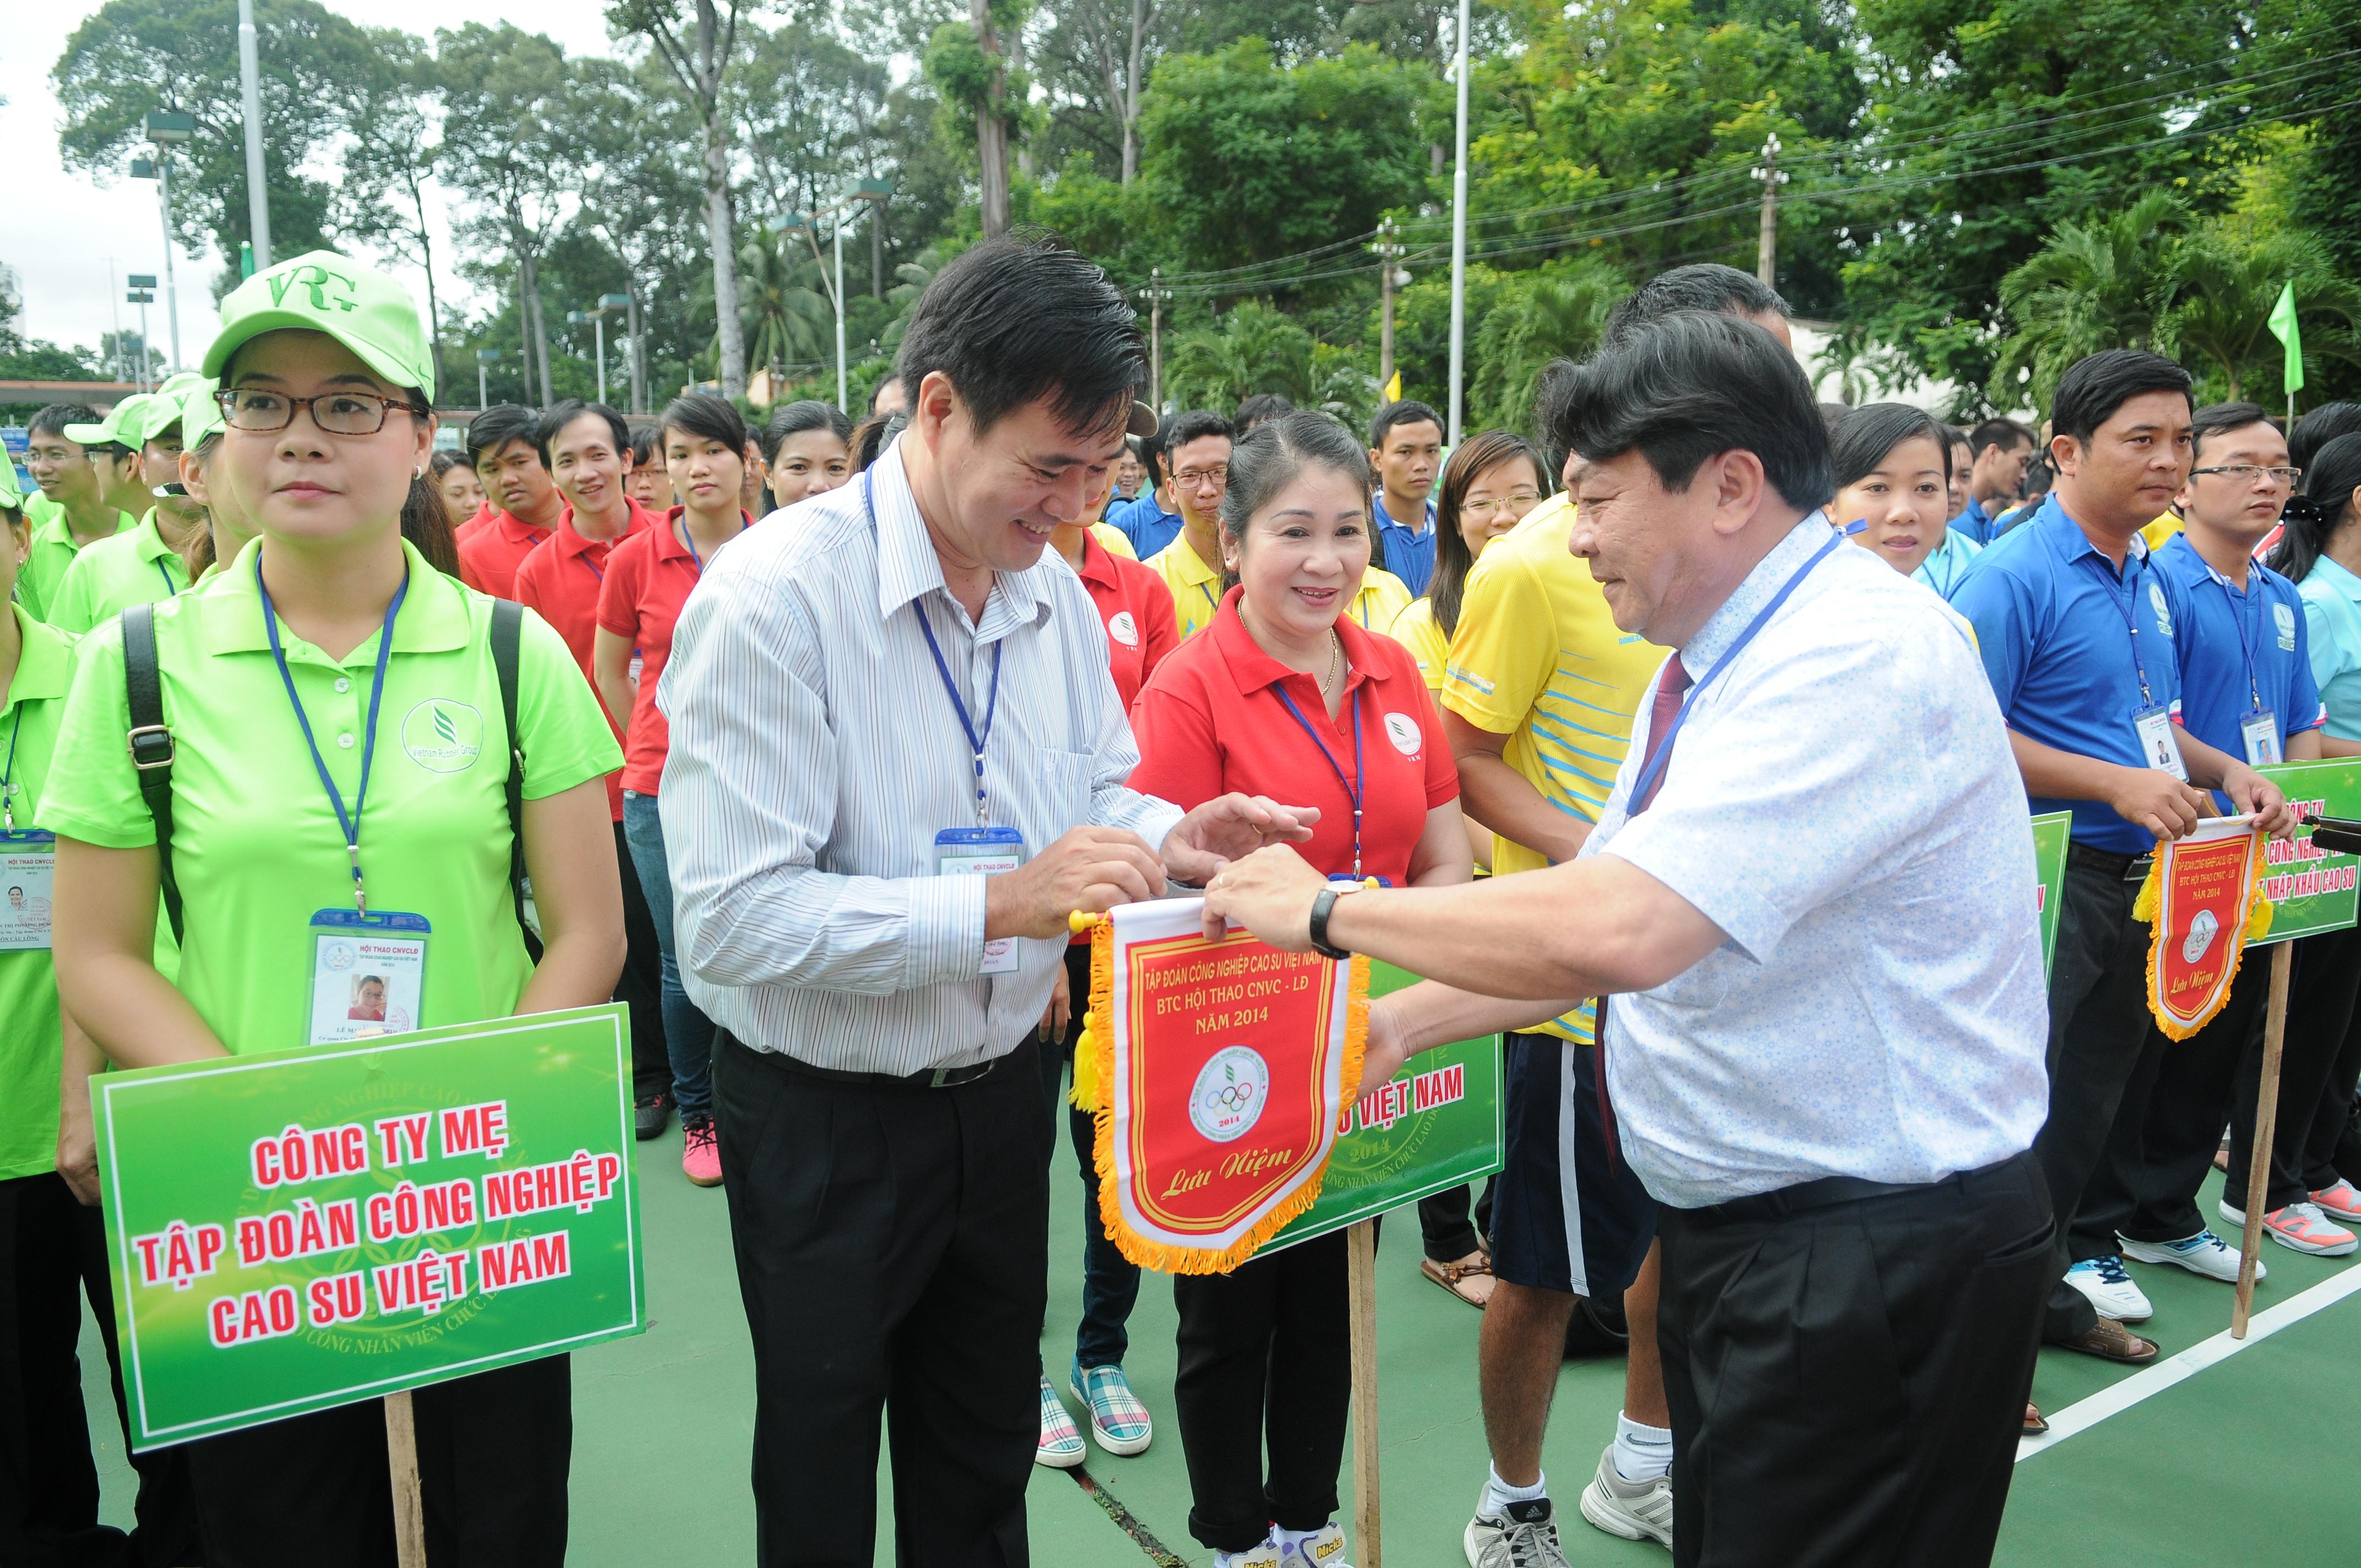 Ông Phan Mạnh Hùng - Chủ tịch Công đoàn CSVN trao cờ lưu niệm cho đội Tạp chí CSVN